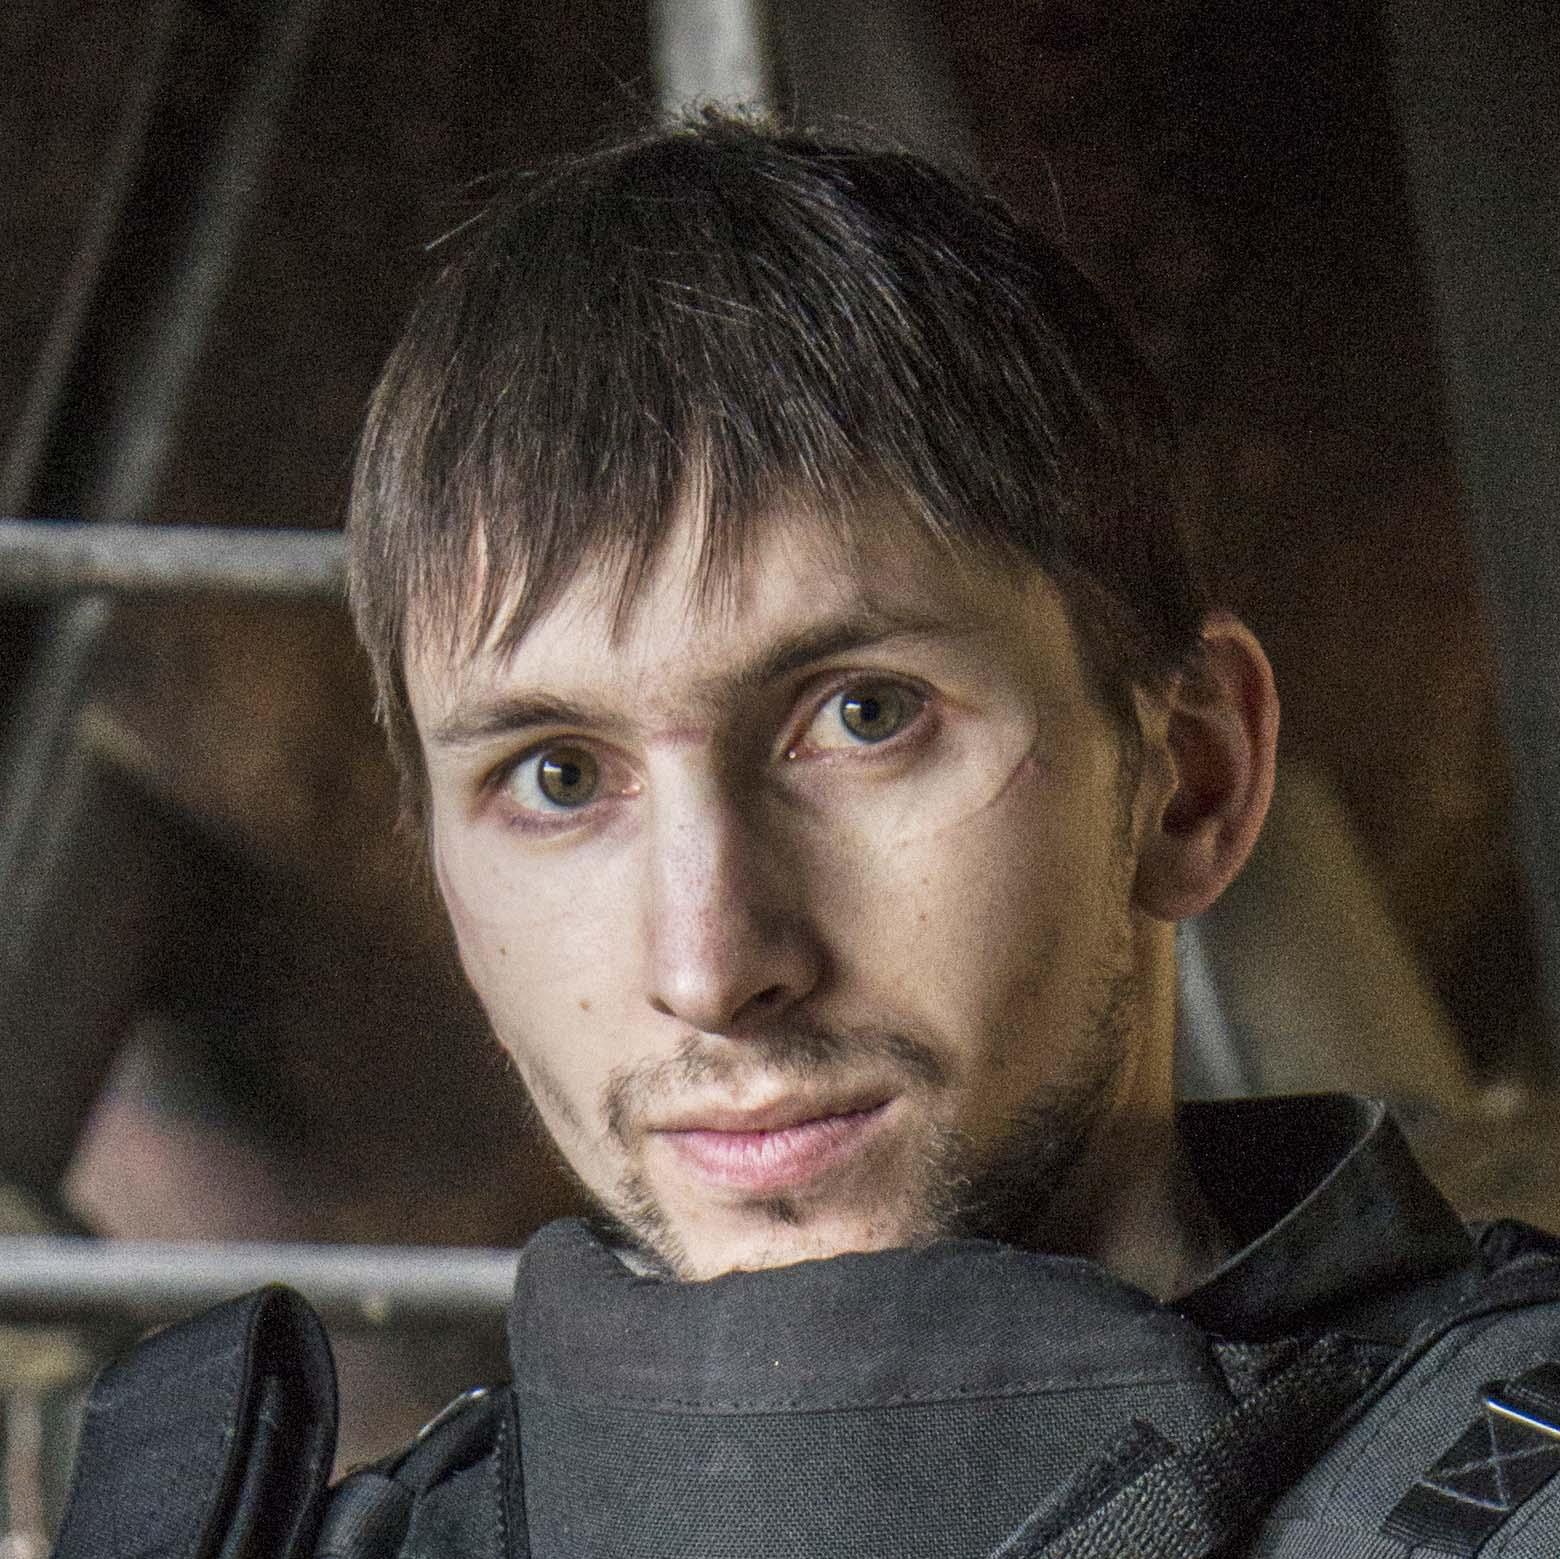 بوجيلتش دراجنوفي، قنّاص روسي من قبائل دراجنوف الشريفة في الرجمة